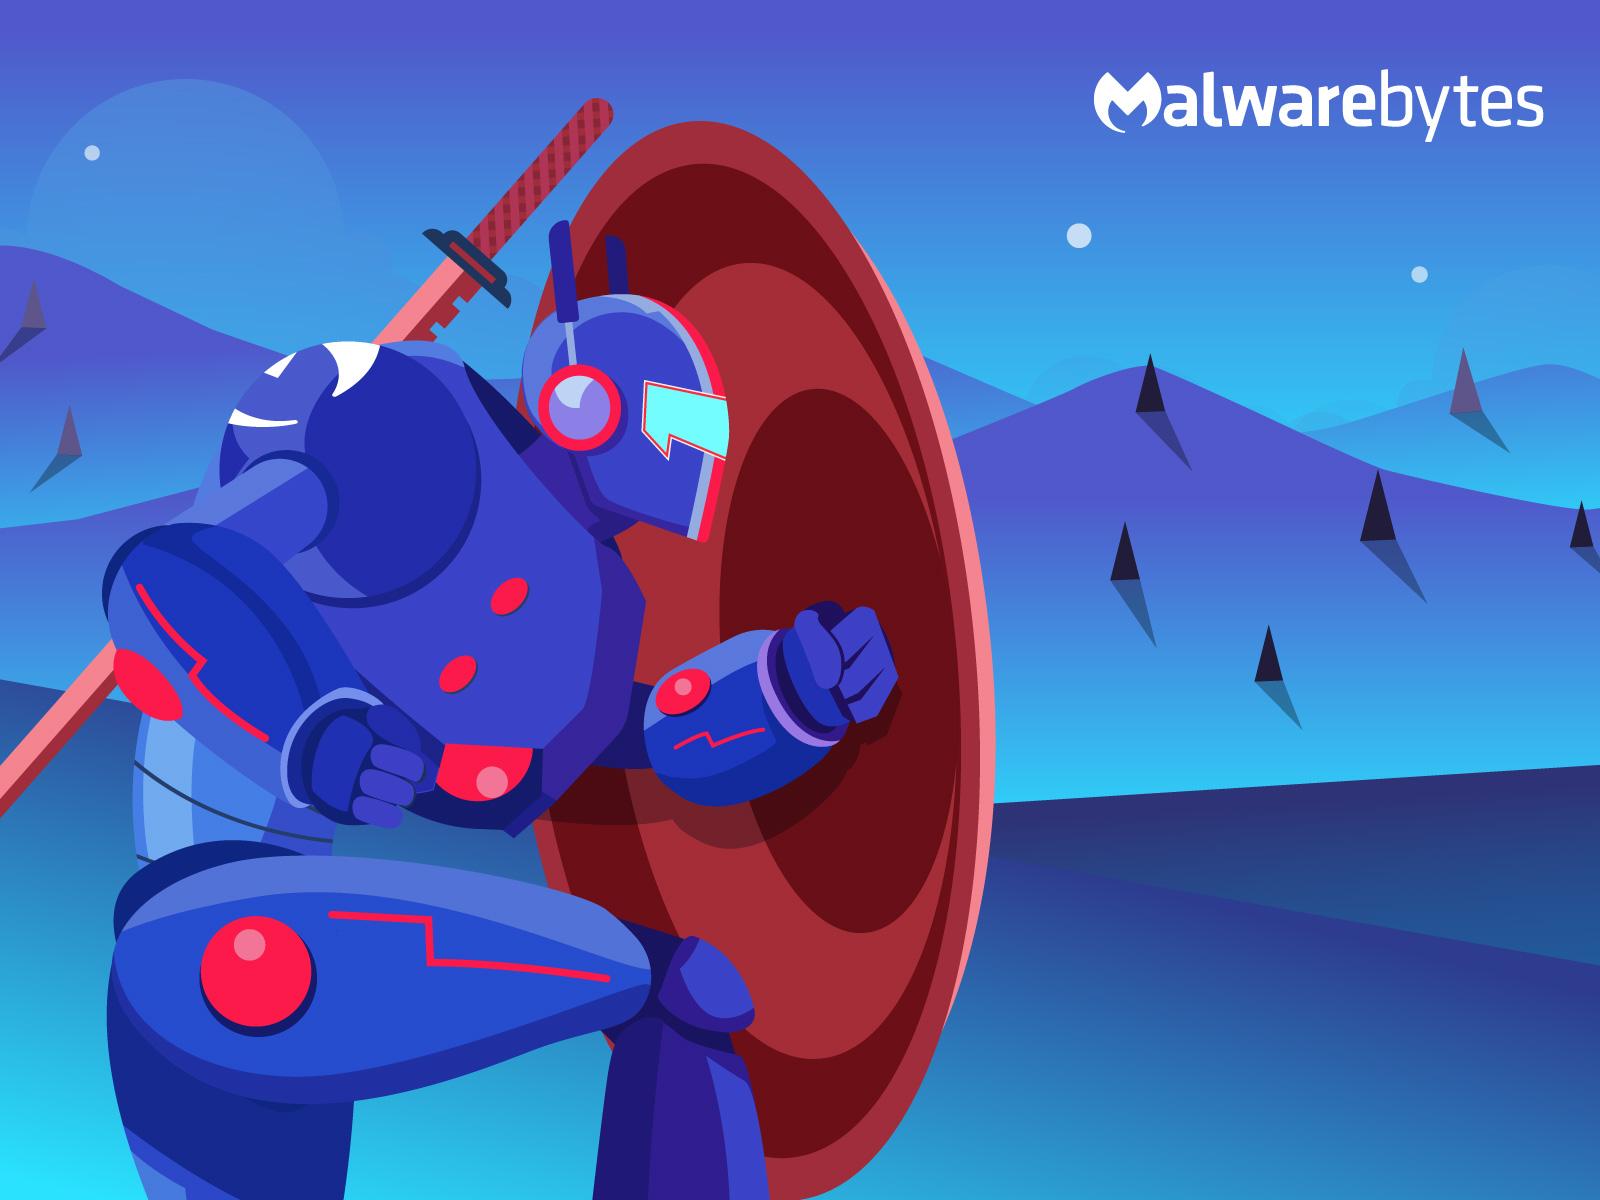 malwarebytes wallpapers | malwarebytes